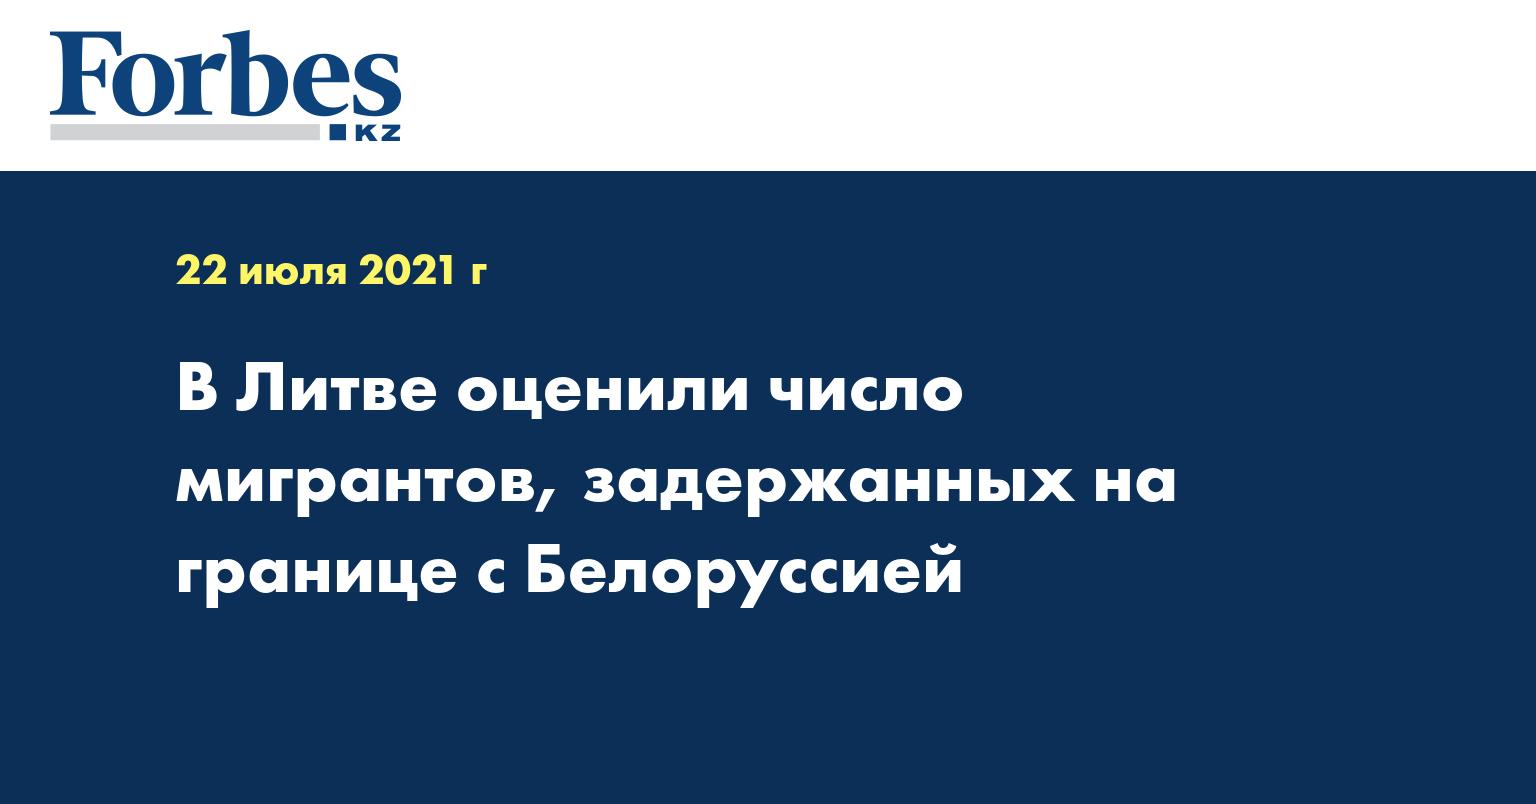 В Литве оценили число мигрантов, задержанных на границе с Белоруссией